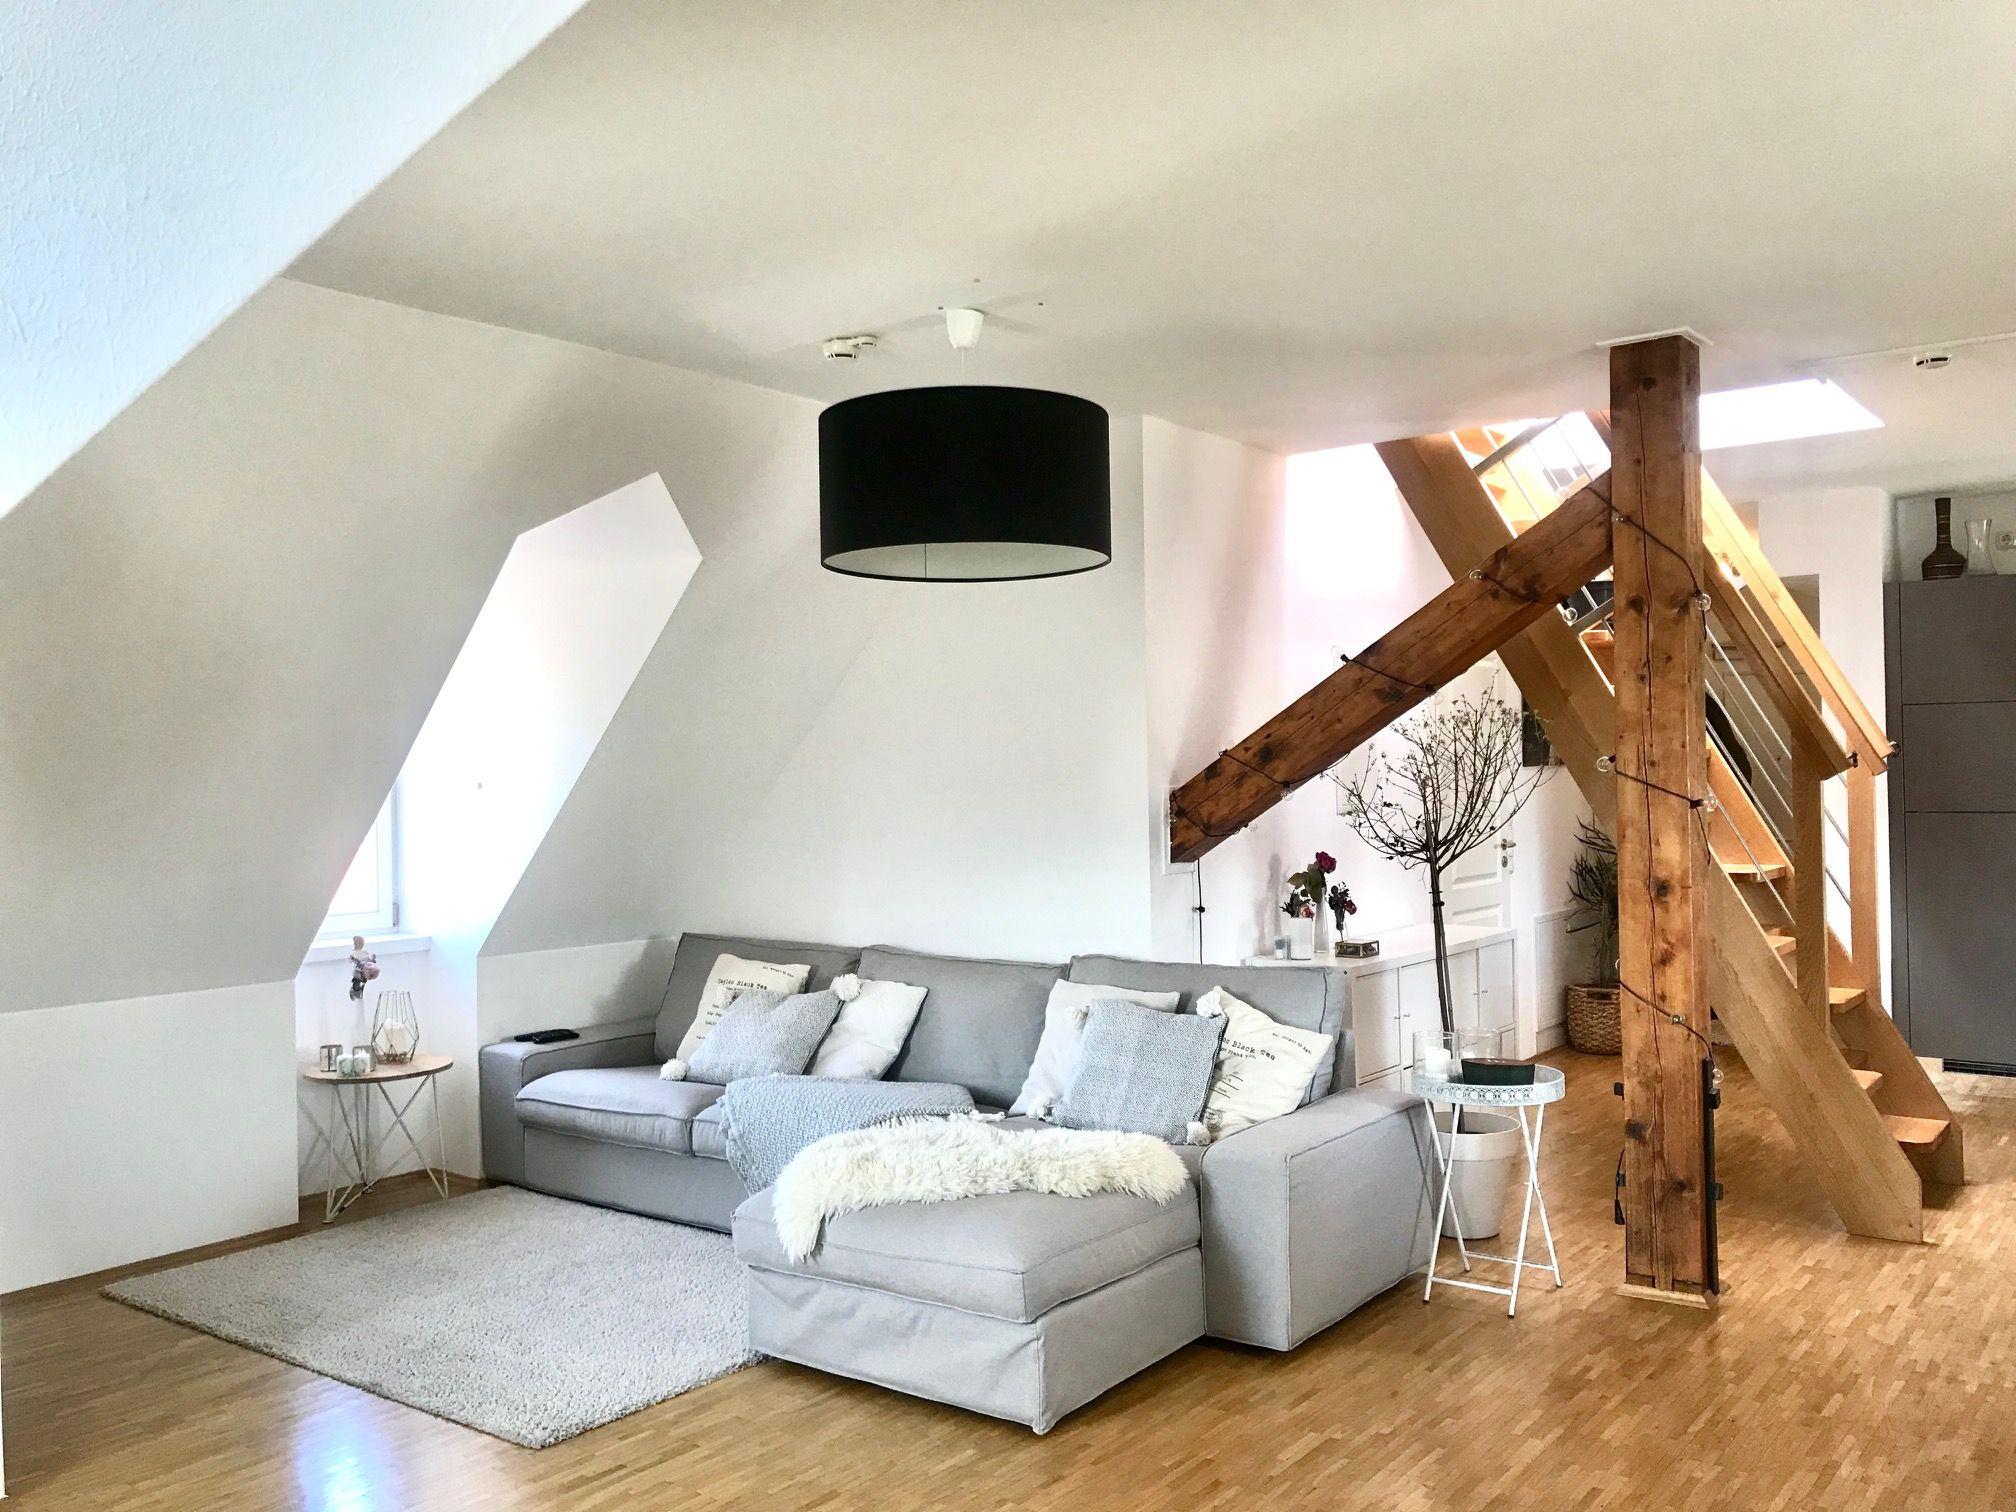 Schönes Wohnzimmer in Dachgeschoss-Wohnung in 10  Wohnzimmer